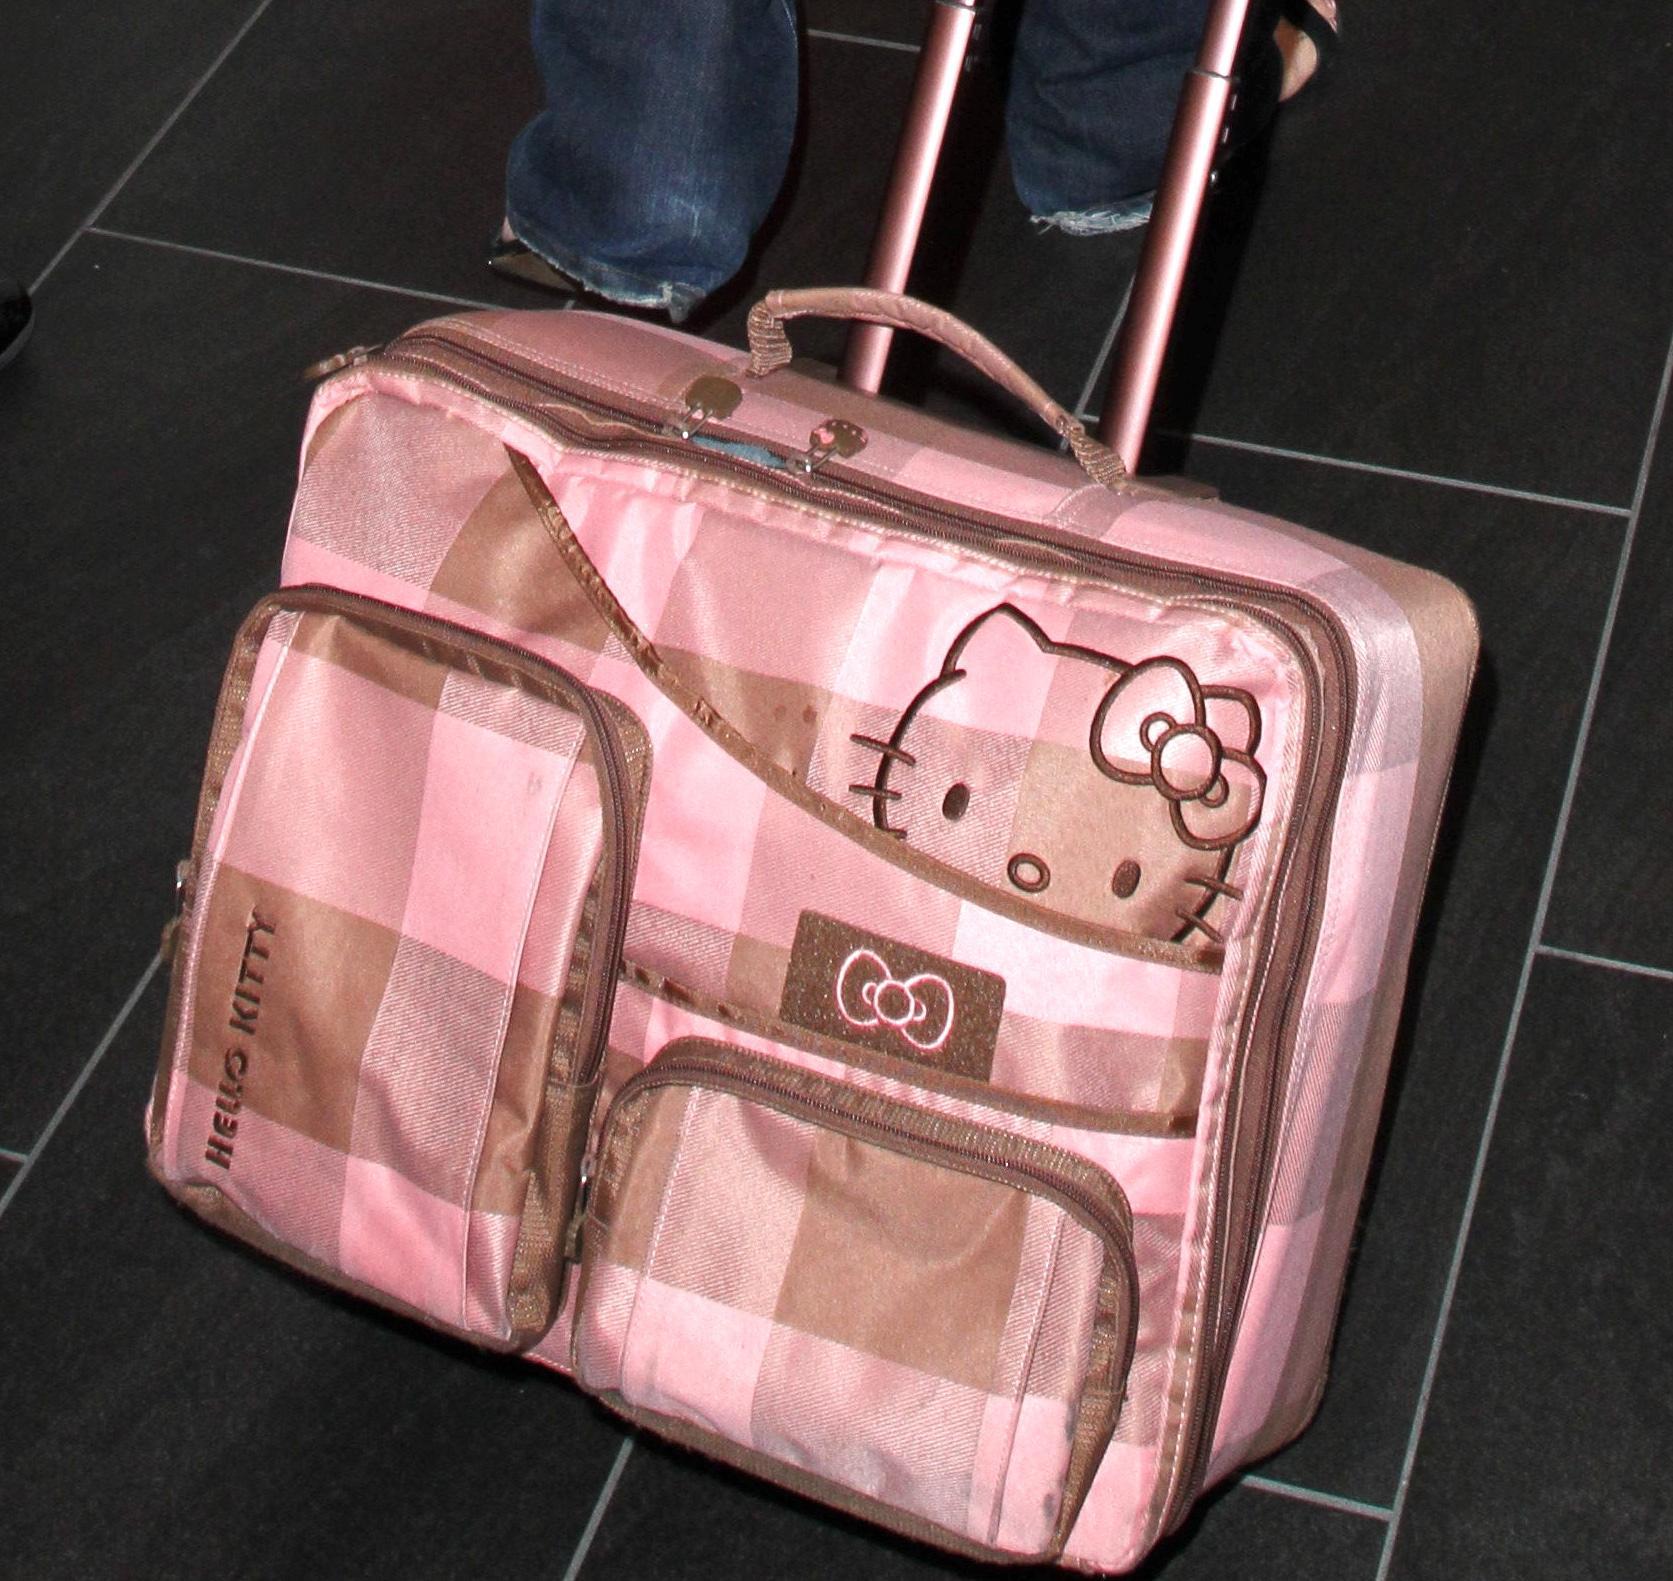 Geena Davis in partenza dall'aeroporto di L.A. con il trolley di Hello Kitty.